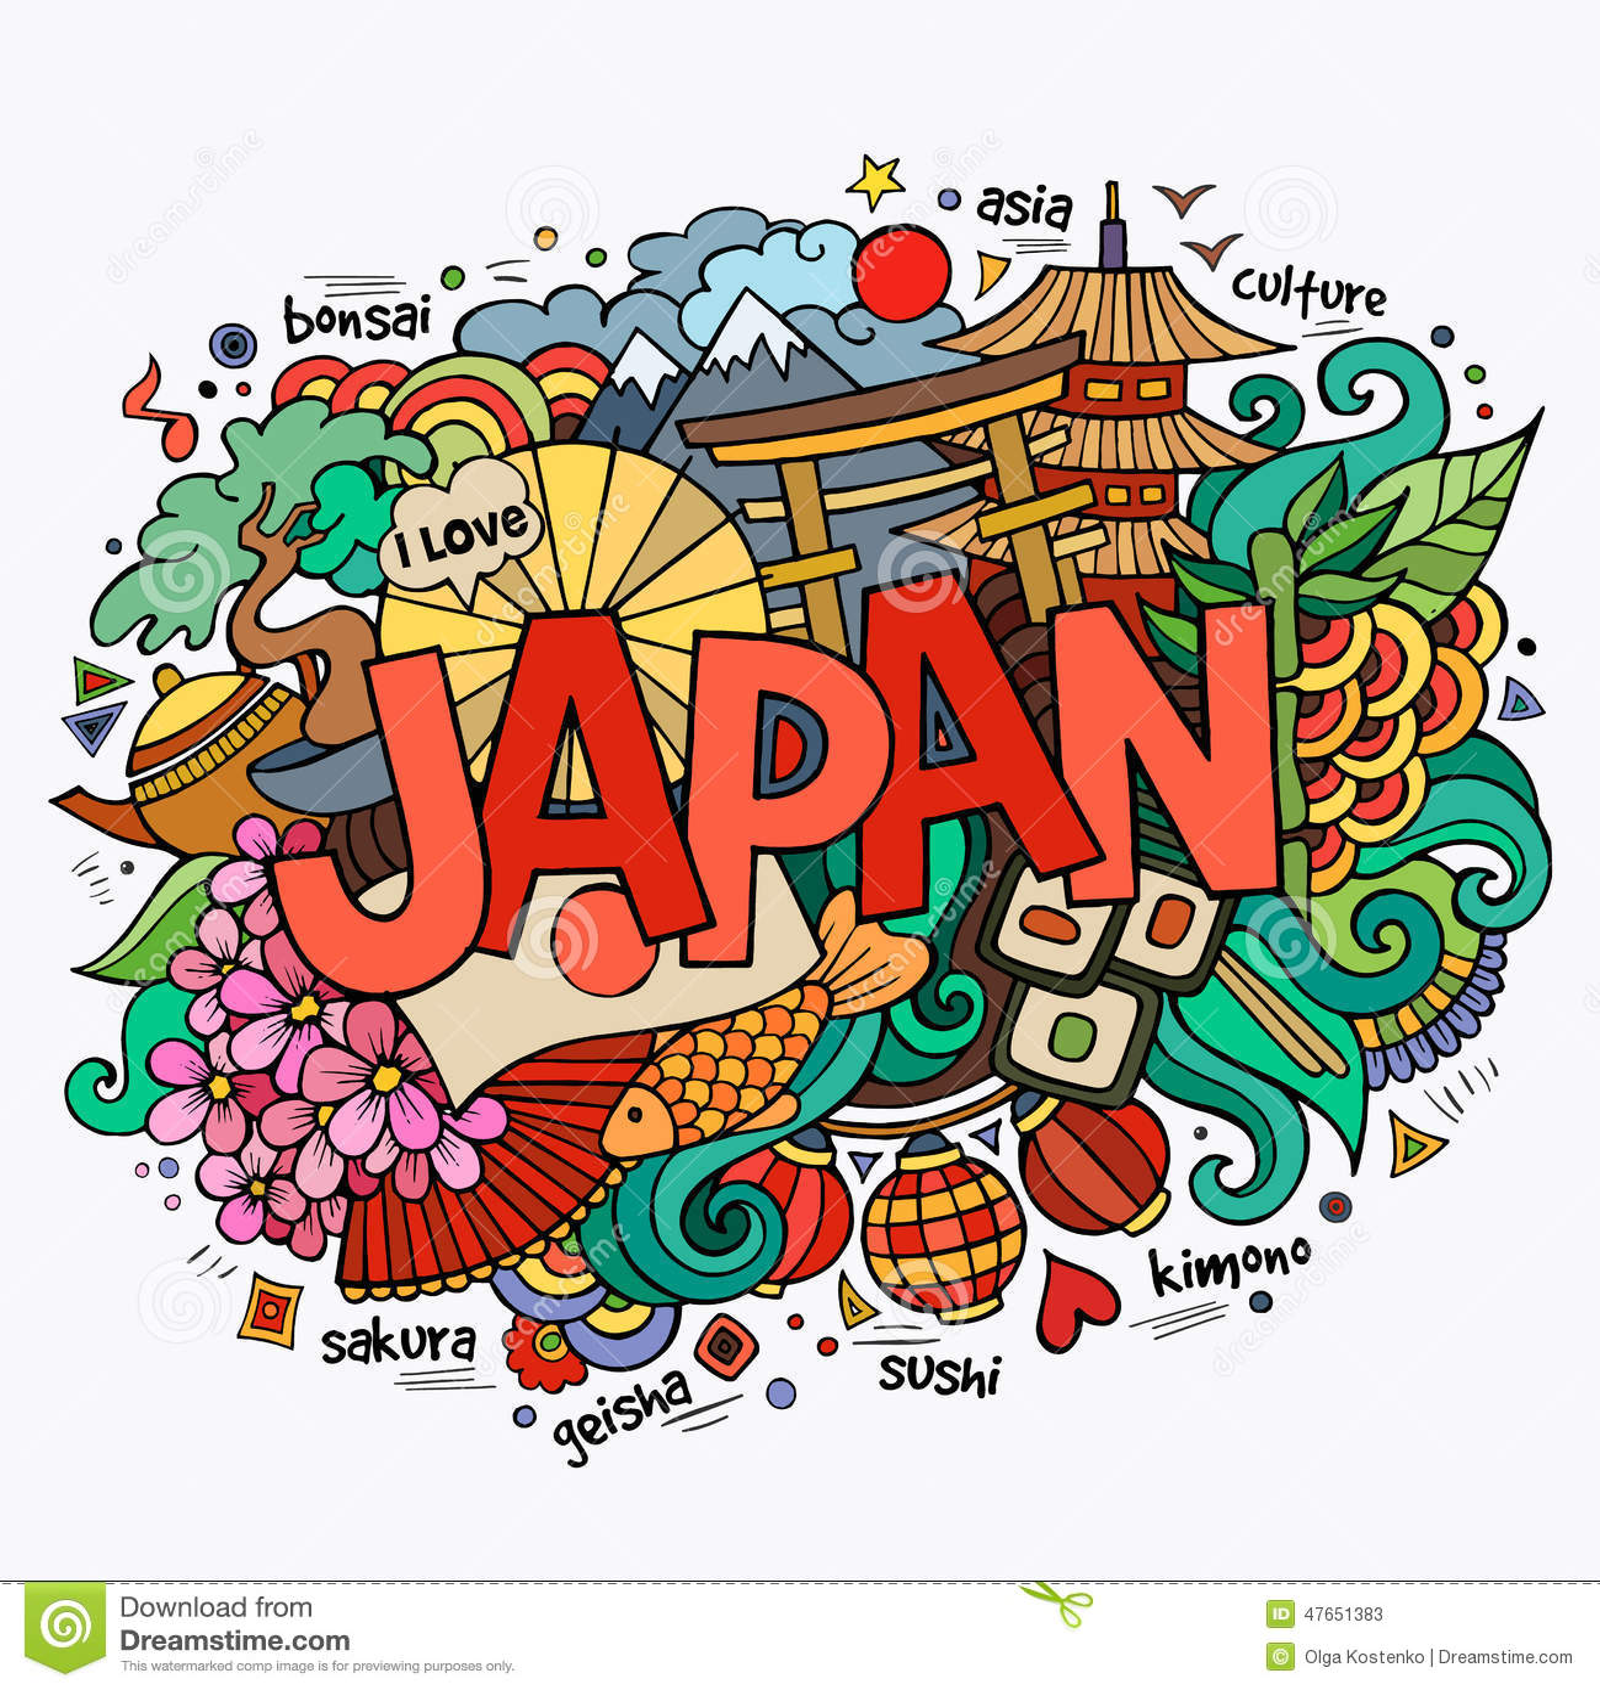 日本手字法和乱画元素图片